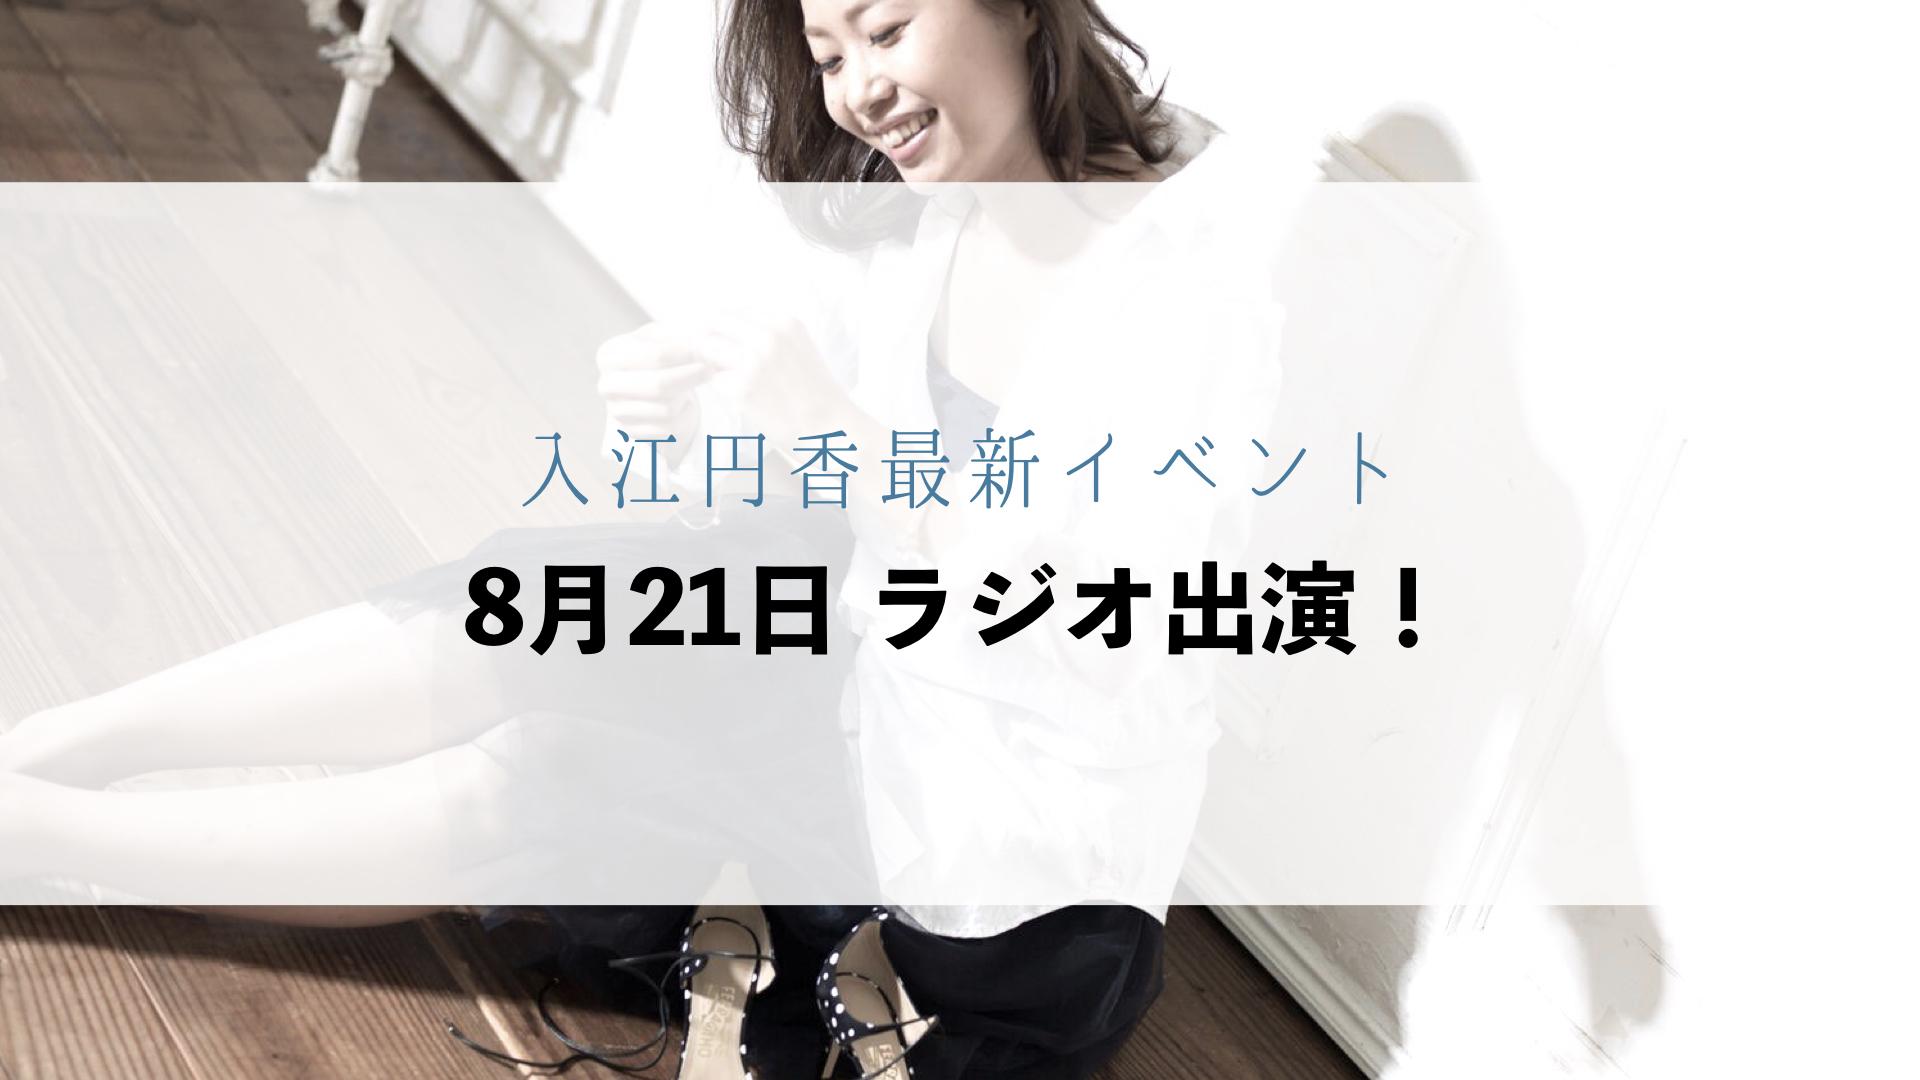 8月21日、ラジオ「ココカラビューティー」出演します!